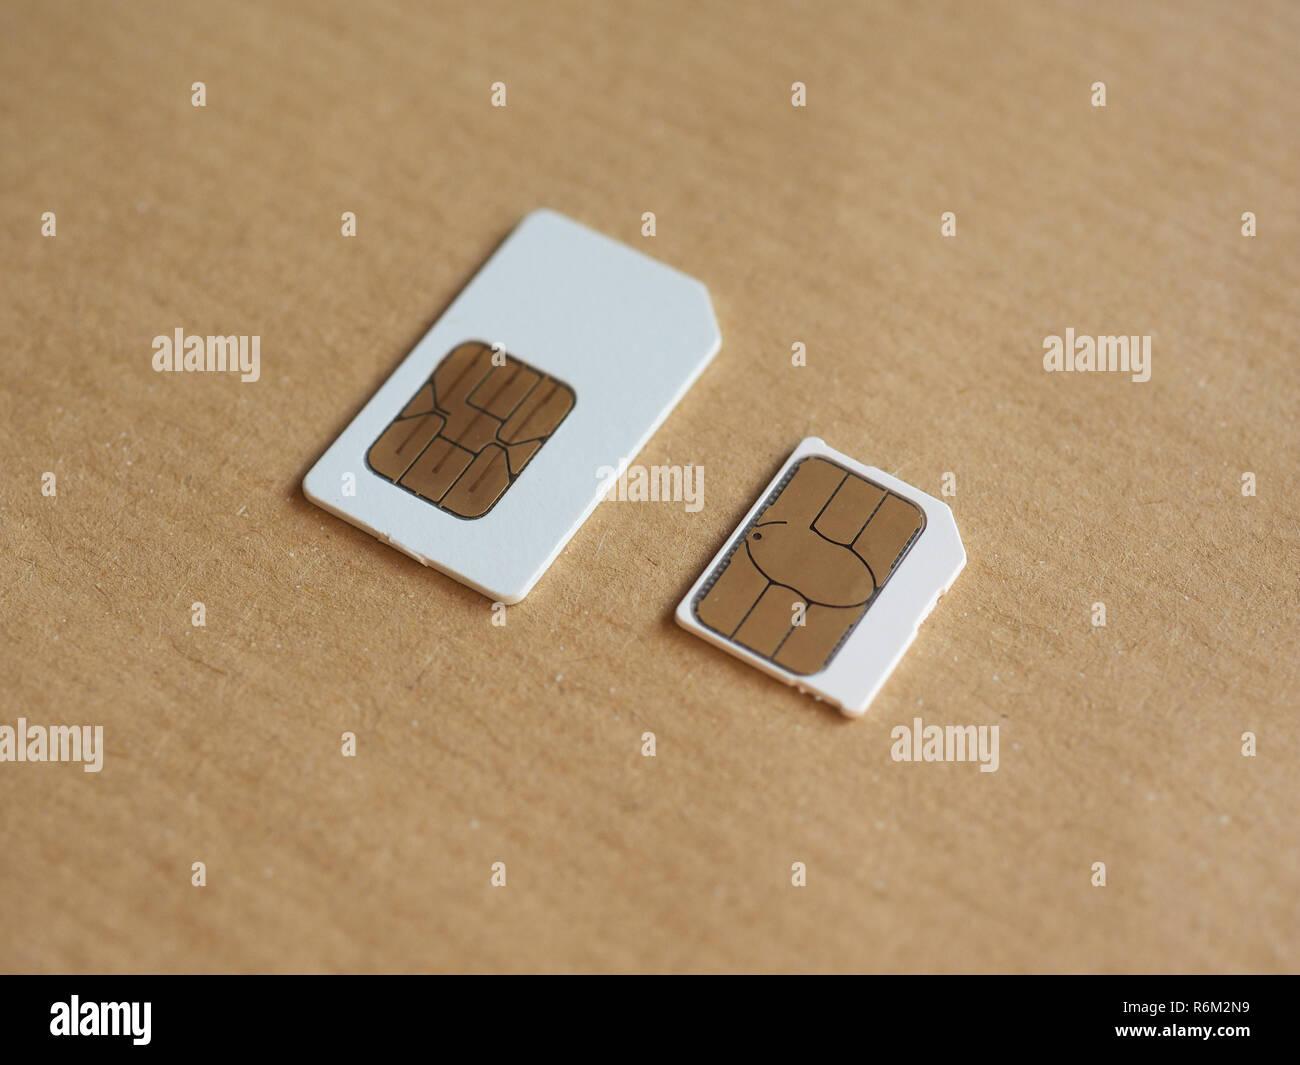 Micro Sim Card Stock Photos Micro Sim Card Stock Images Alamy